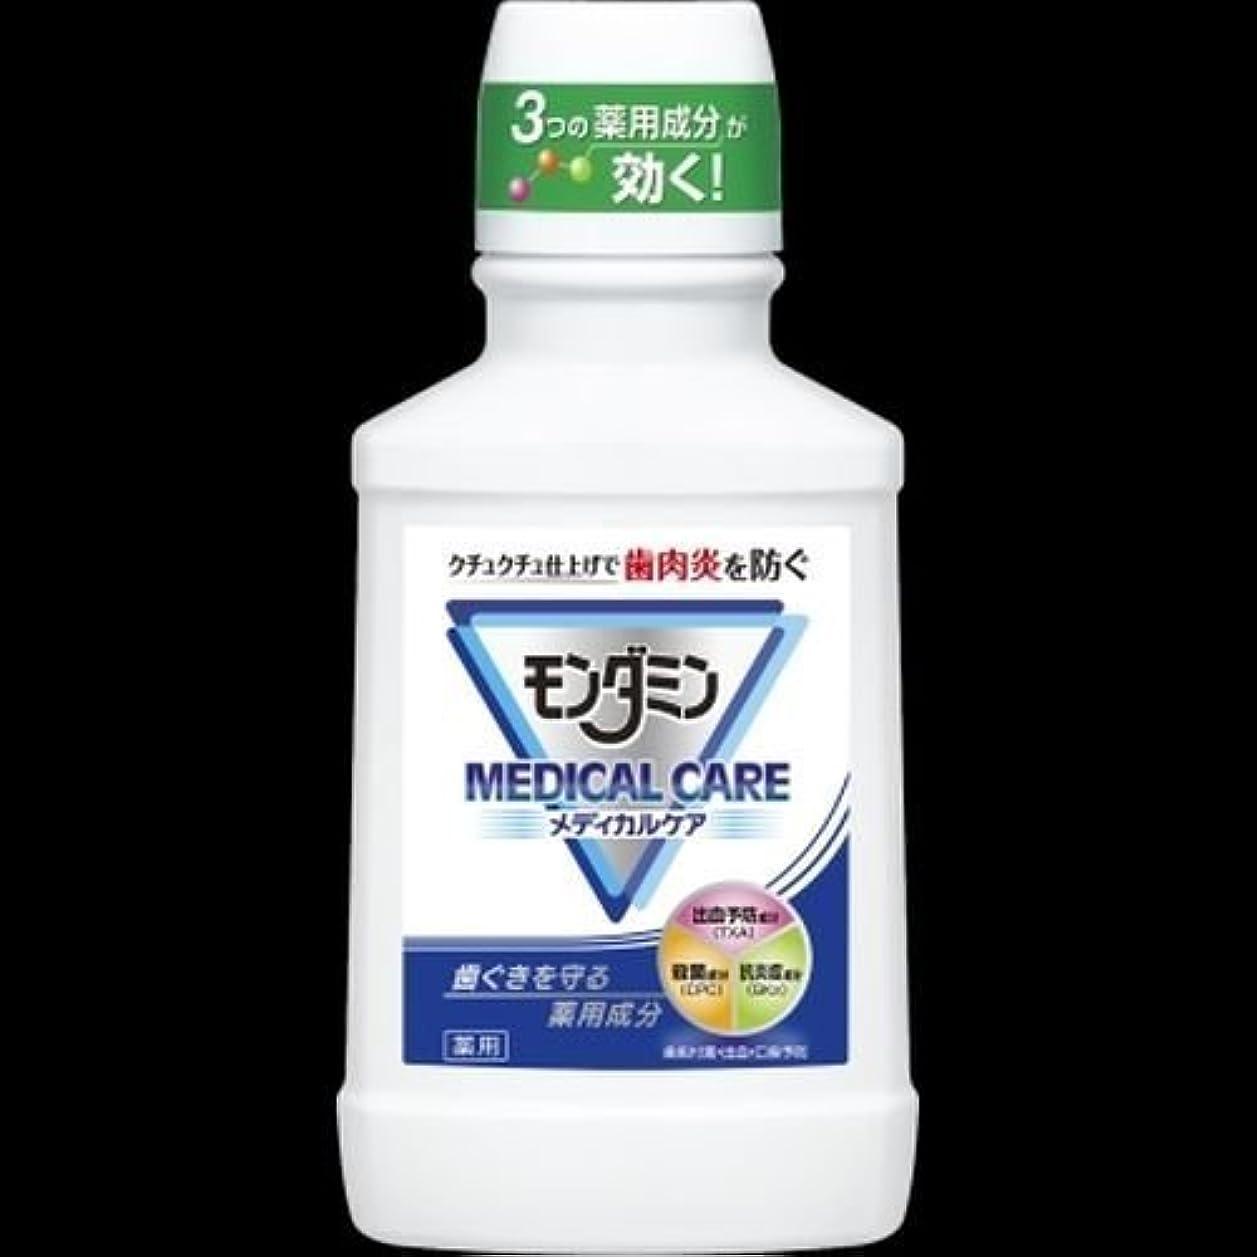 【まとめ買い】モンダミン メディカルケア 330mL ×2セット